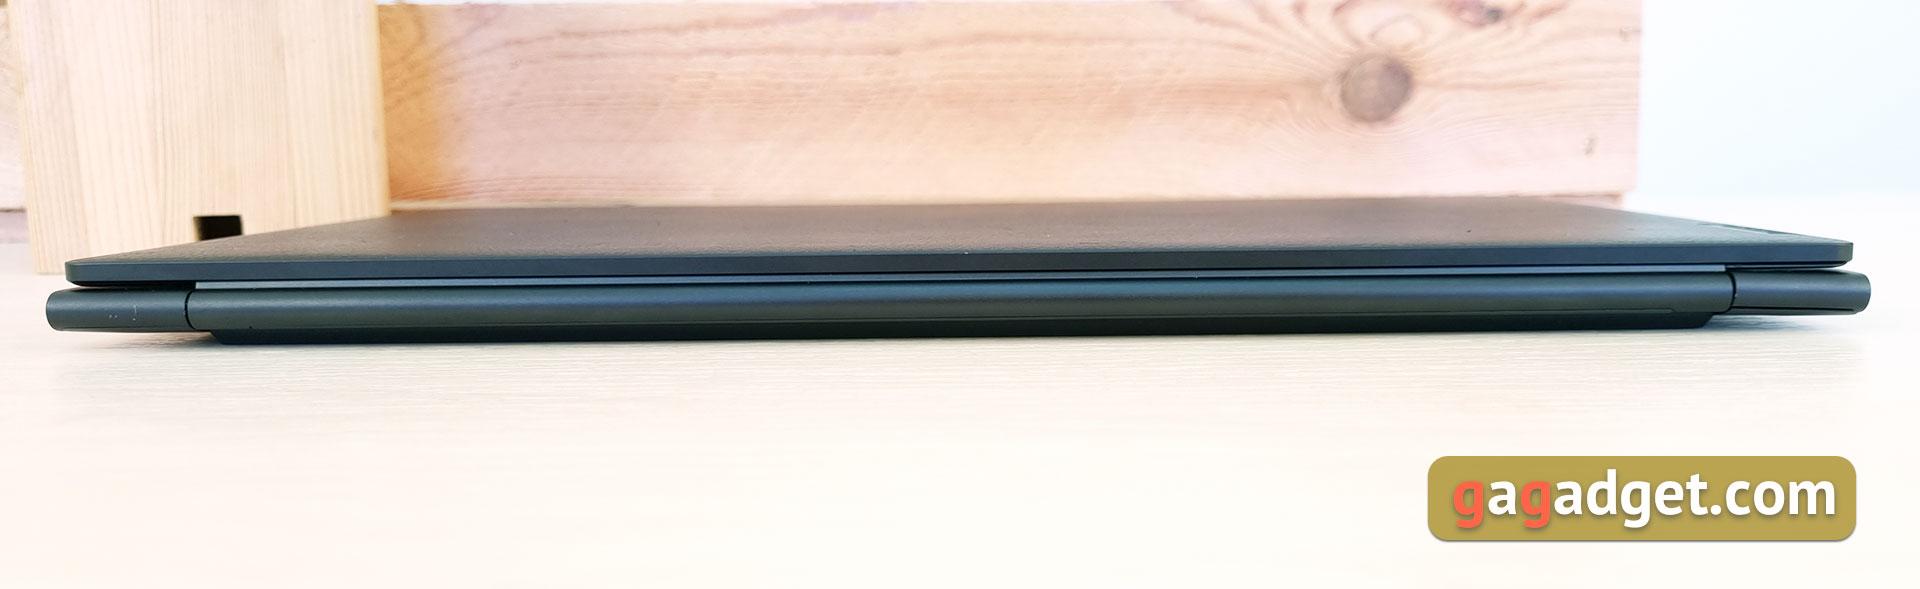 Обзор ноутбука Lenovo Yoga Slim 9i: командный центр бизнеса-13